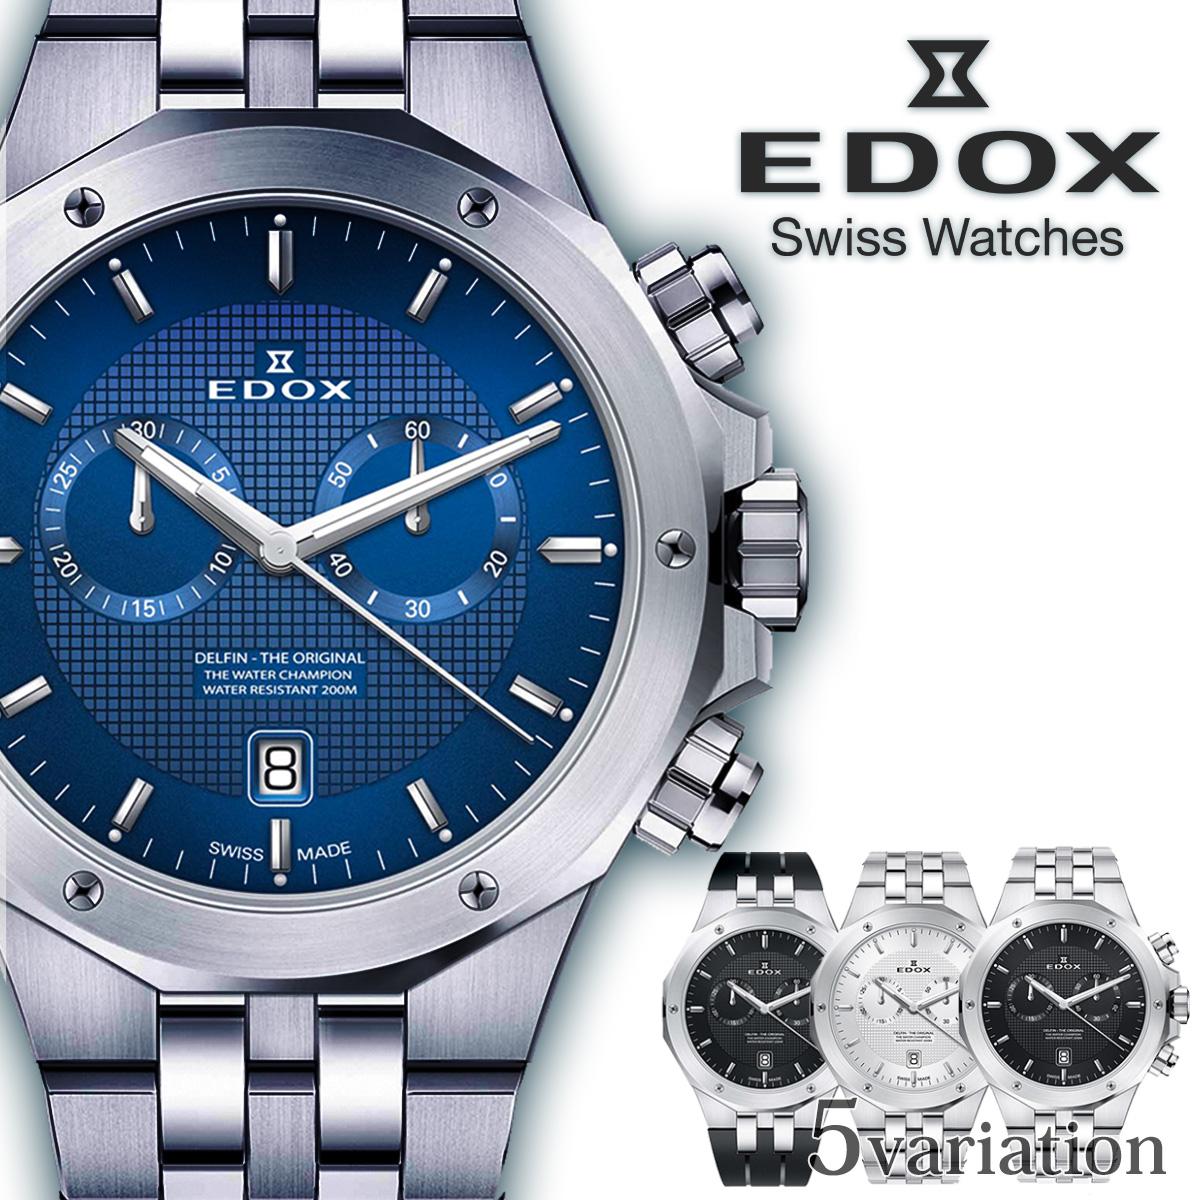 エドックス edox デルフィン オリジナル メンズ 時計 腕時計 ダイバー クオーツ カレンダー